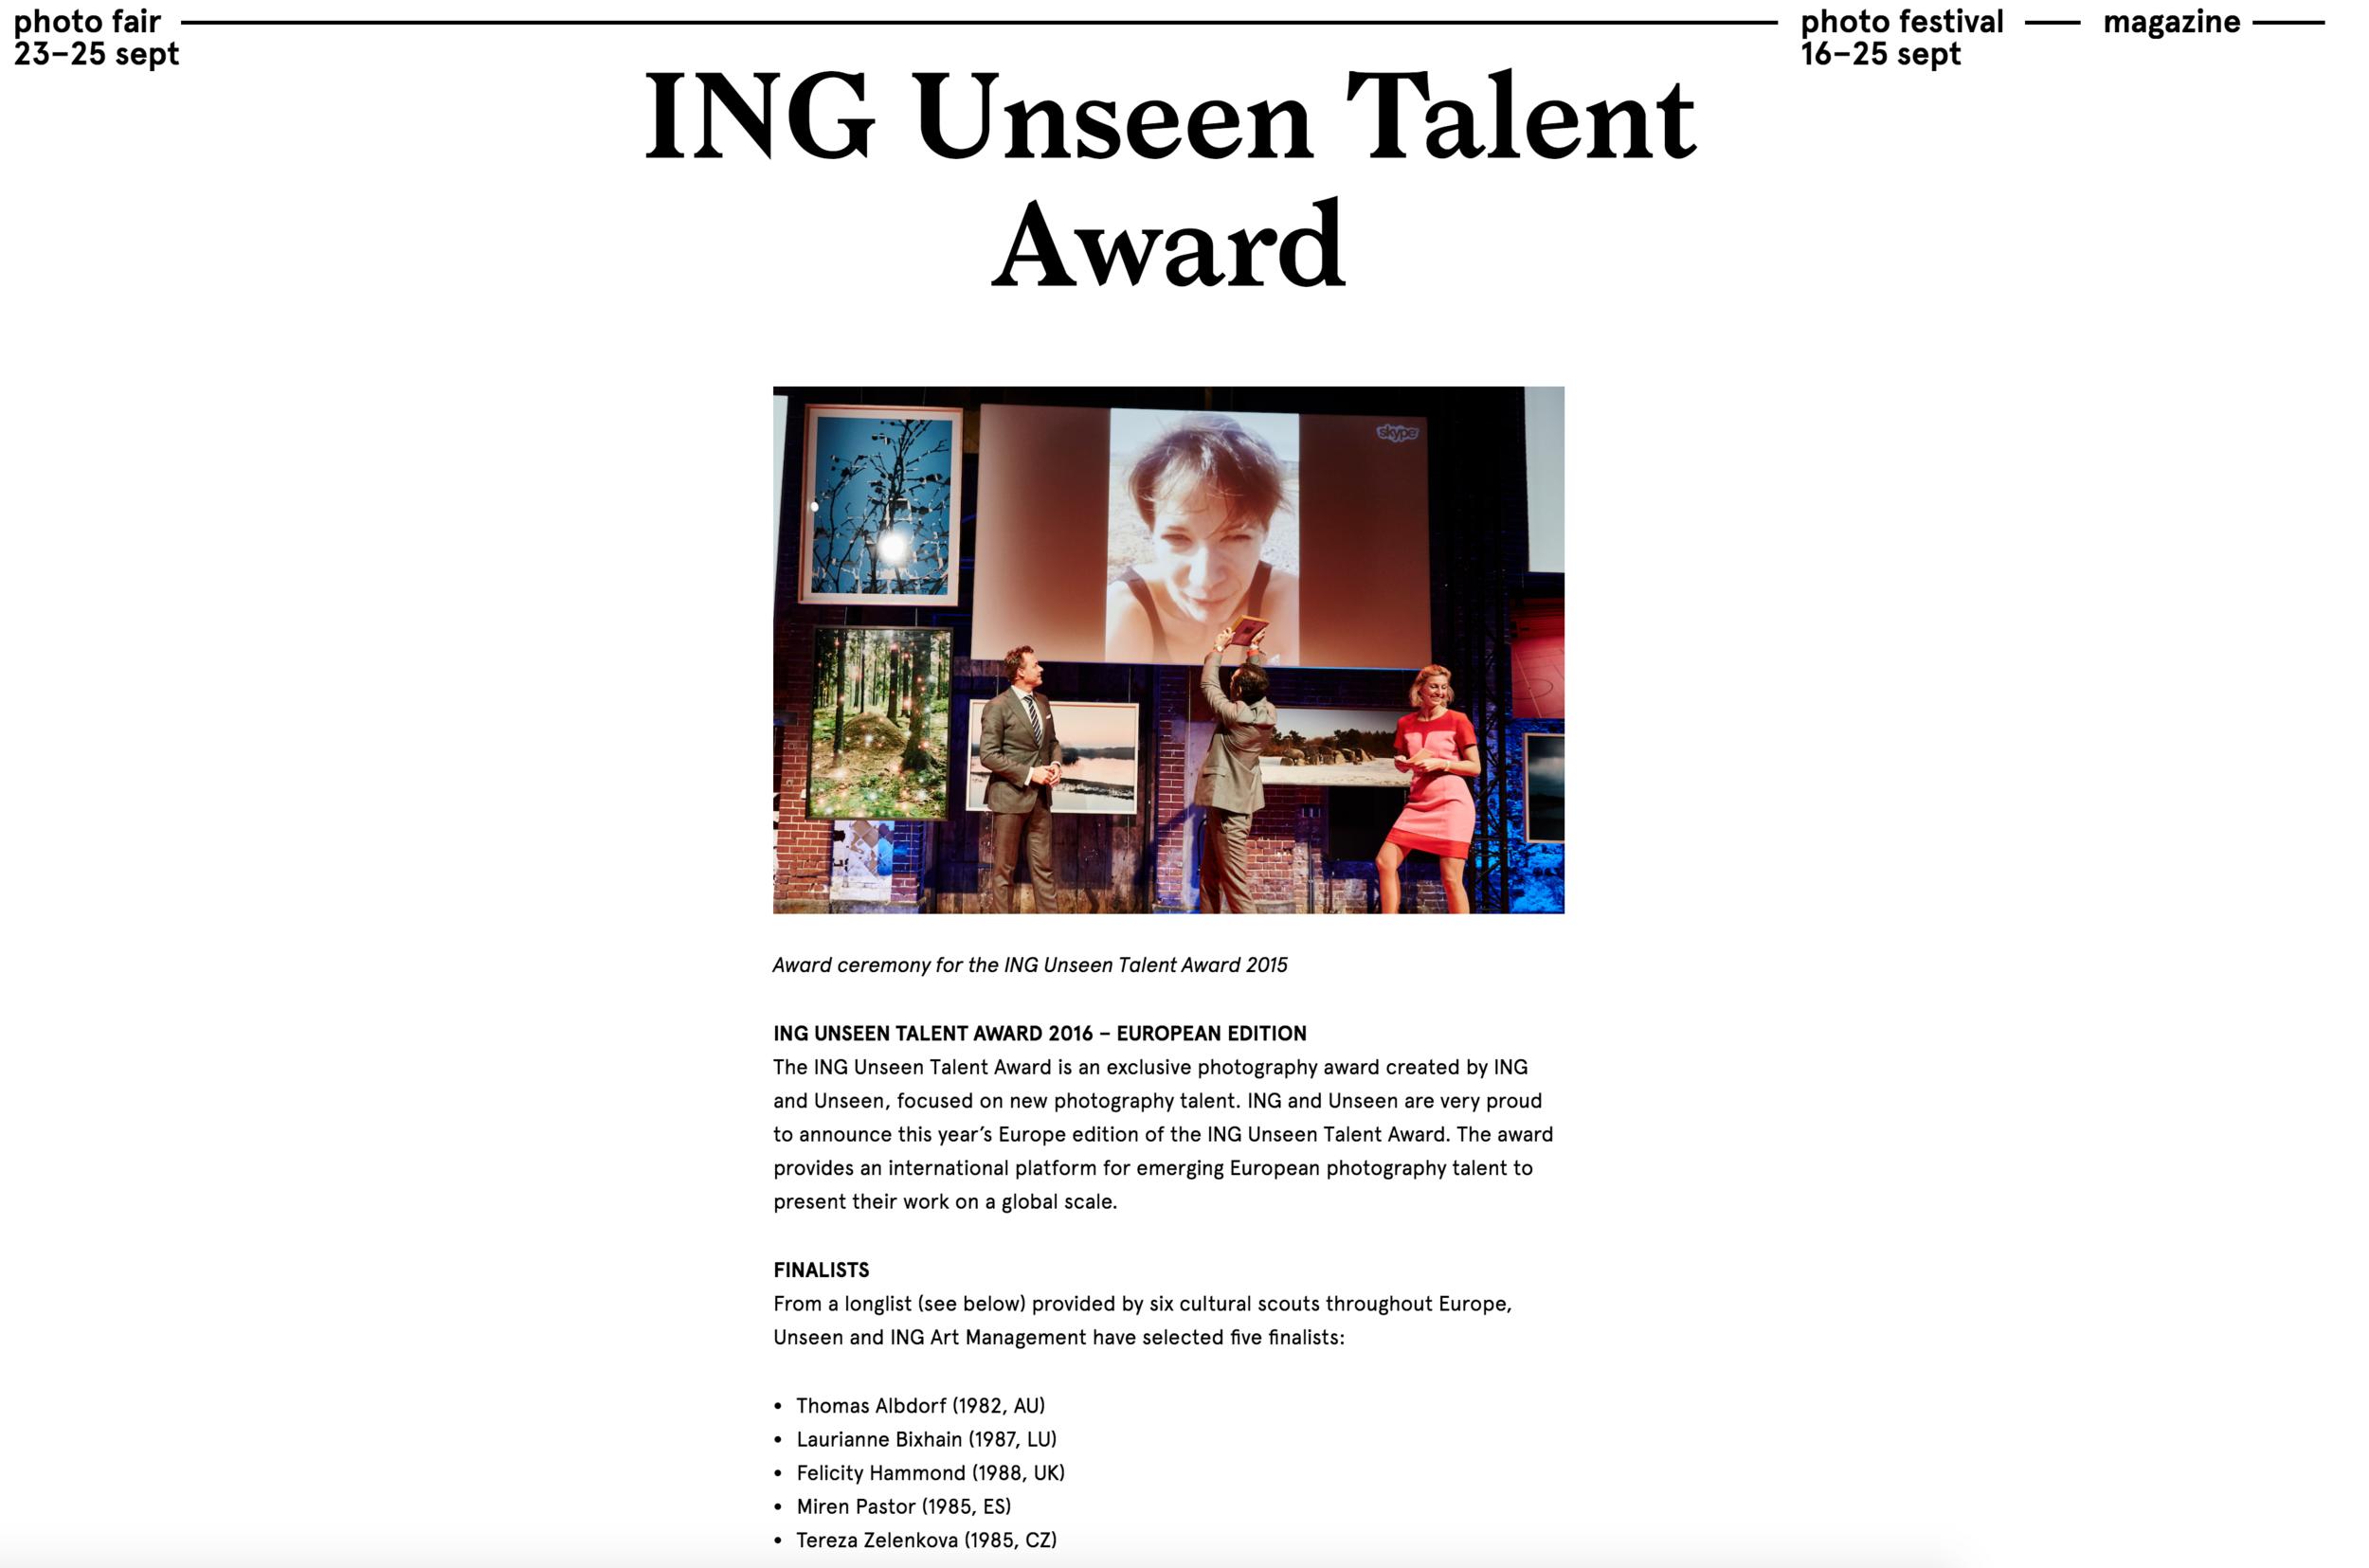 More information:https://www.unseenamsterdam.com/ing-unseen-talent-award  Press release:https://www.unseenamsterdam.com/photo-fair/press